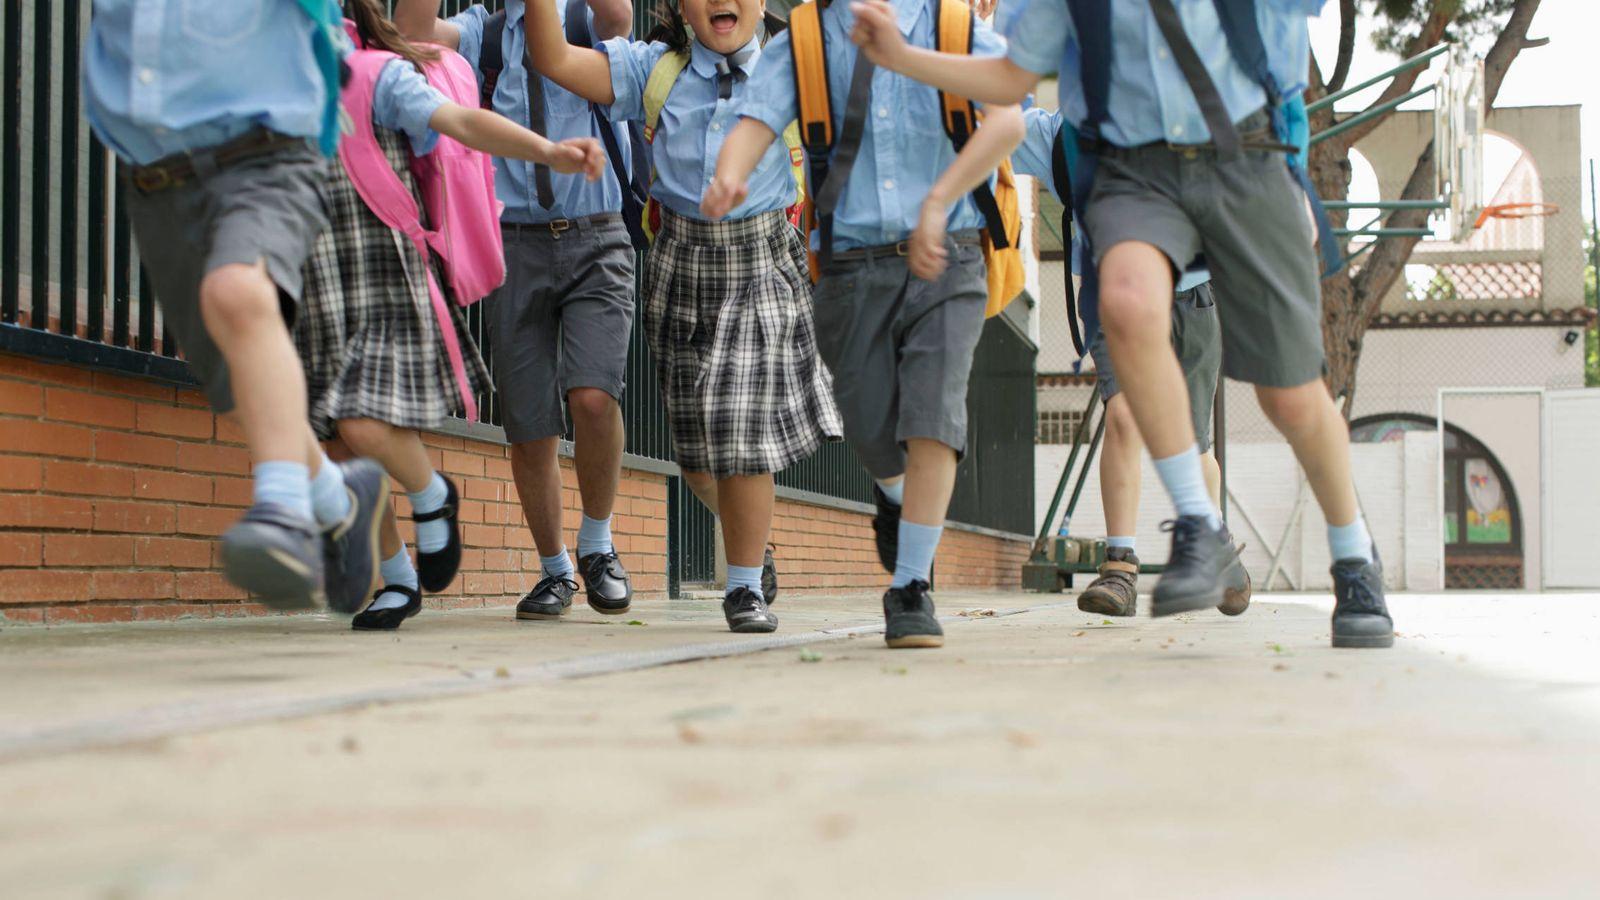 Foto: En apenas 15 años, la educación de nuestro país dio un vuelco impresionante. Y el cambio no vino desde arriba. (Cordon Press)